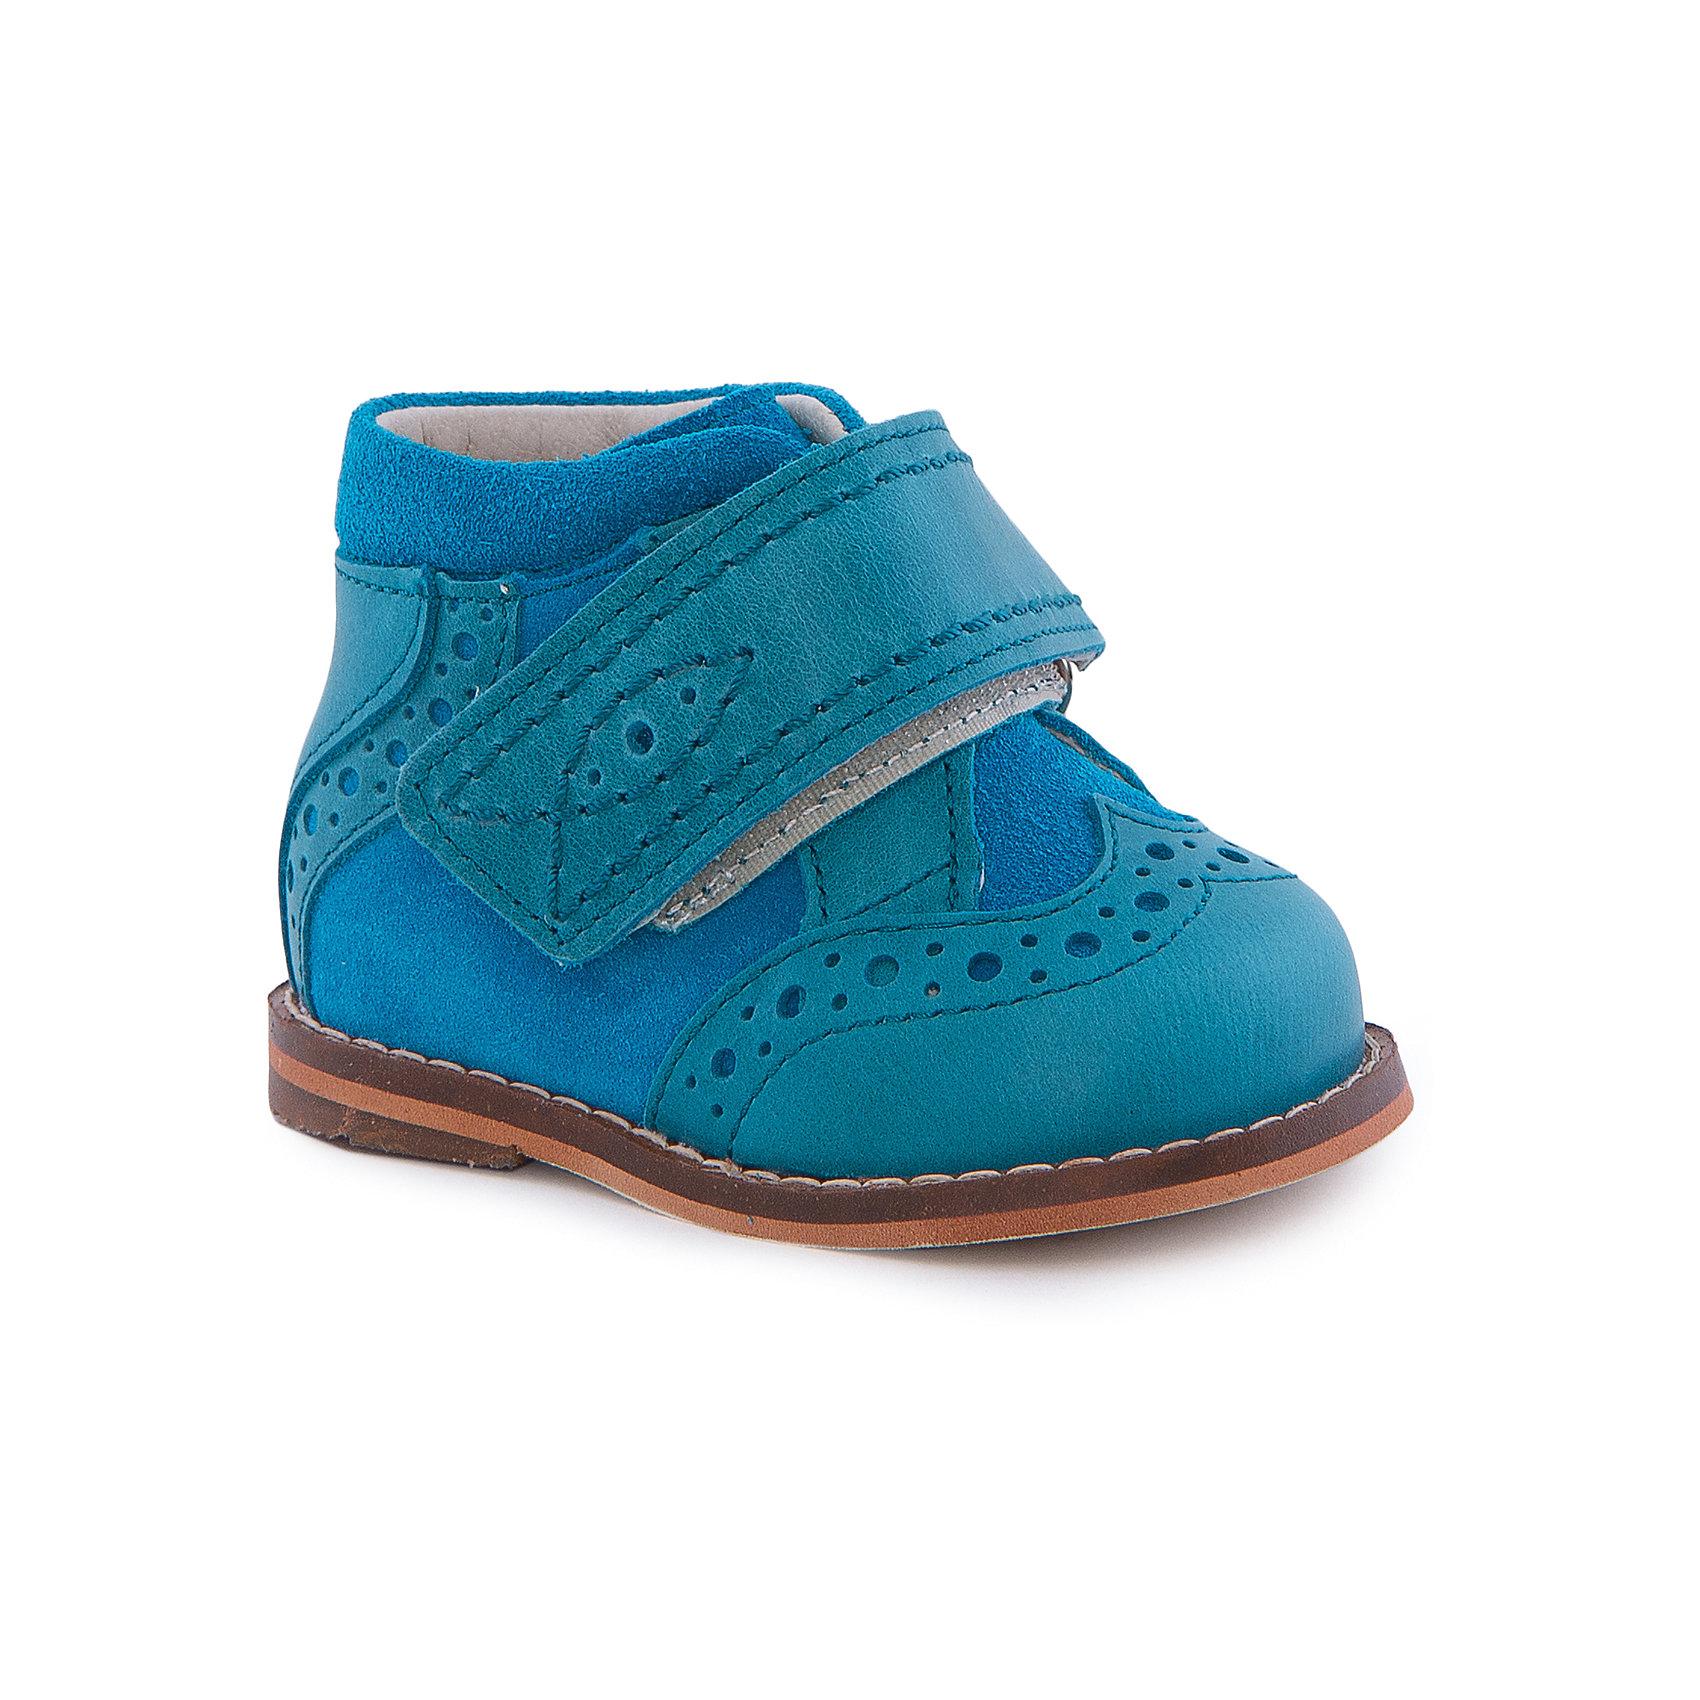 Ботинки для мальчика ТОТТОБотинки<br>Ботинки для мальчика ТОТТО<br>Стильные и удобные ботинки для мальчика от Российского производителя ТОТТО. Произведены в соответствии с рекомендациями ортопедов, имеют супинатор, который предотвращает образование плоскостопия и жесткий задник, продленный до середины стопы. Ботинки обеспечивают плотную фиксацию голеностопа и имеют мягкие нейтрализующие швы. Каблук Томаса распределяет нагрузку на стопу и не дает ей заваливаться внутрь. Свободная, широкая передняя часть ботинка не ограничивает формирование и рост детской стропы и пальчиков. Упругая подошва позволяет защитить еще не развитые мышцы стоп и связки от растяжения и повреждения. Насыщенный синий цвет ботинок отлично сочетается с морскими отттенками деталей ботинок. Удобная липучка позволяет легко одеть и снять обувь. Идеальные ботиночки для первых шажков и не только!<br>Дополнительная информация:<br>- Тип застежки: липучка<br>Состав:<br>- Натуральная кожа<br>Ботинки для мальчика ТОТТО можно купить в нашем магазине.<br>Подробнее:<br>Для детей в возрасте: от 0-3 мес.<br>Номер товара: 4794655<br>Страна производитель: Российская Федерация<br><br>Ширина мм: 262<br>Глубина мм: 176<br>Высота мм: 97<br>Вес г: 427<br>Цвет: синий<br>Возраст от месяцев: 0<br>Возраст до месяцев: 3<br>Пол: Мужской<br>Возраст: Детский<br>Размер: 16,20,17,18,19<br>SKU: 4794654